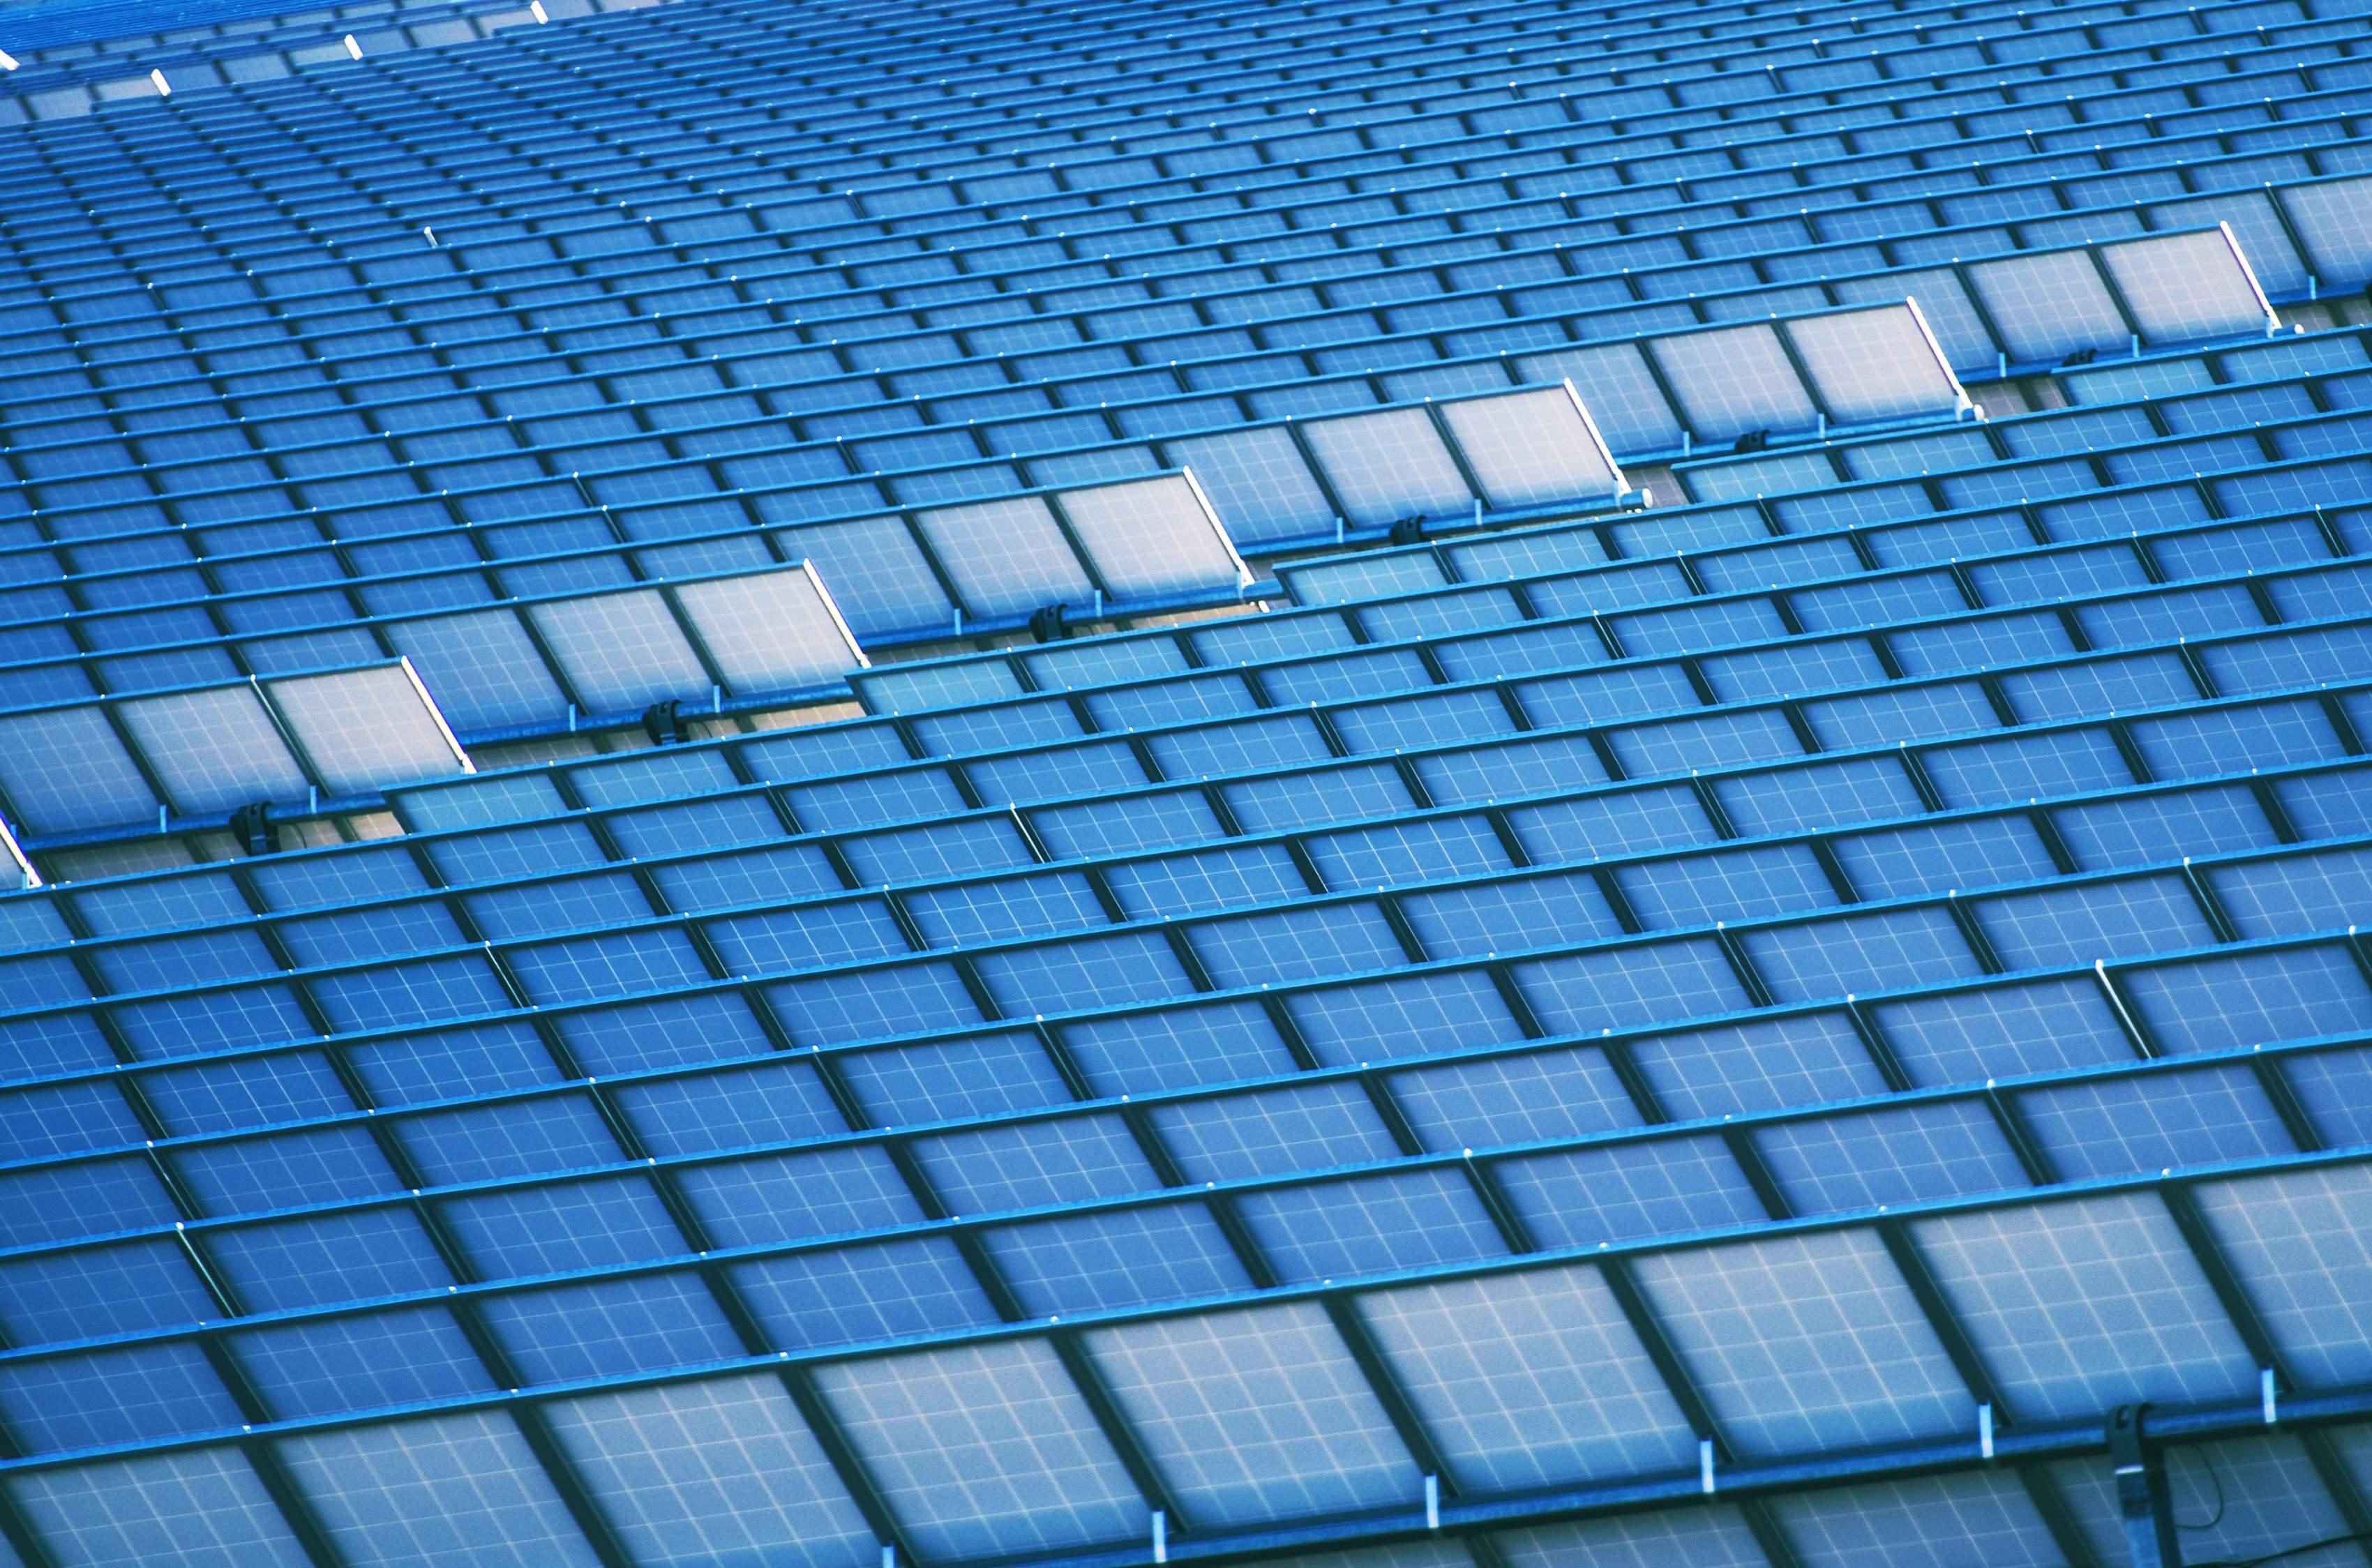 Vendere Energia Elettrica Da Fotovoltaico quanto costa un impianto fotovoltaico - fotovoltaico in